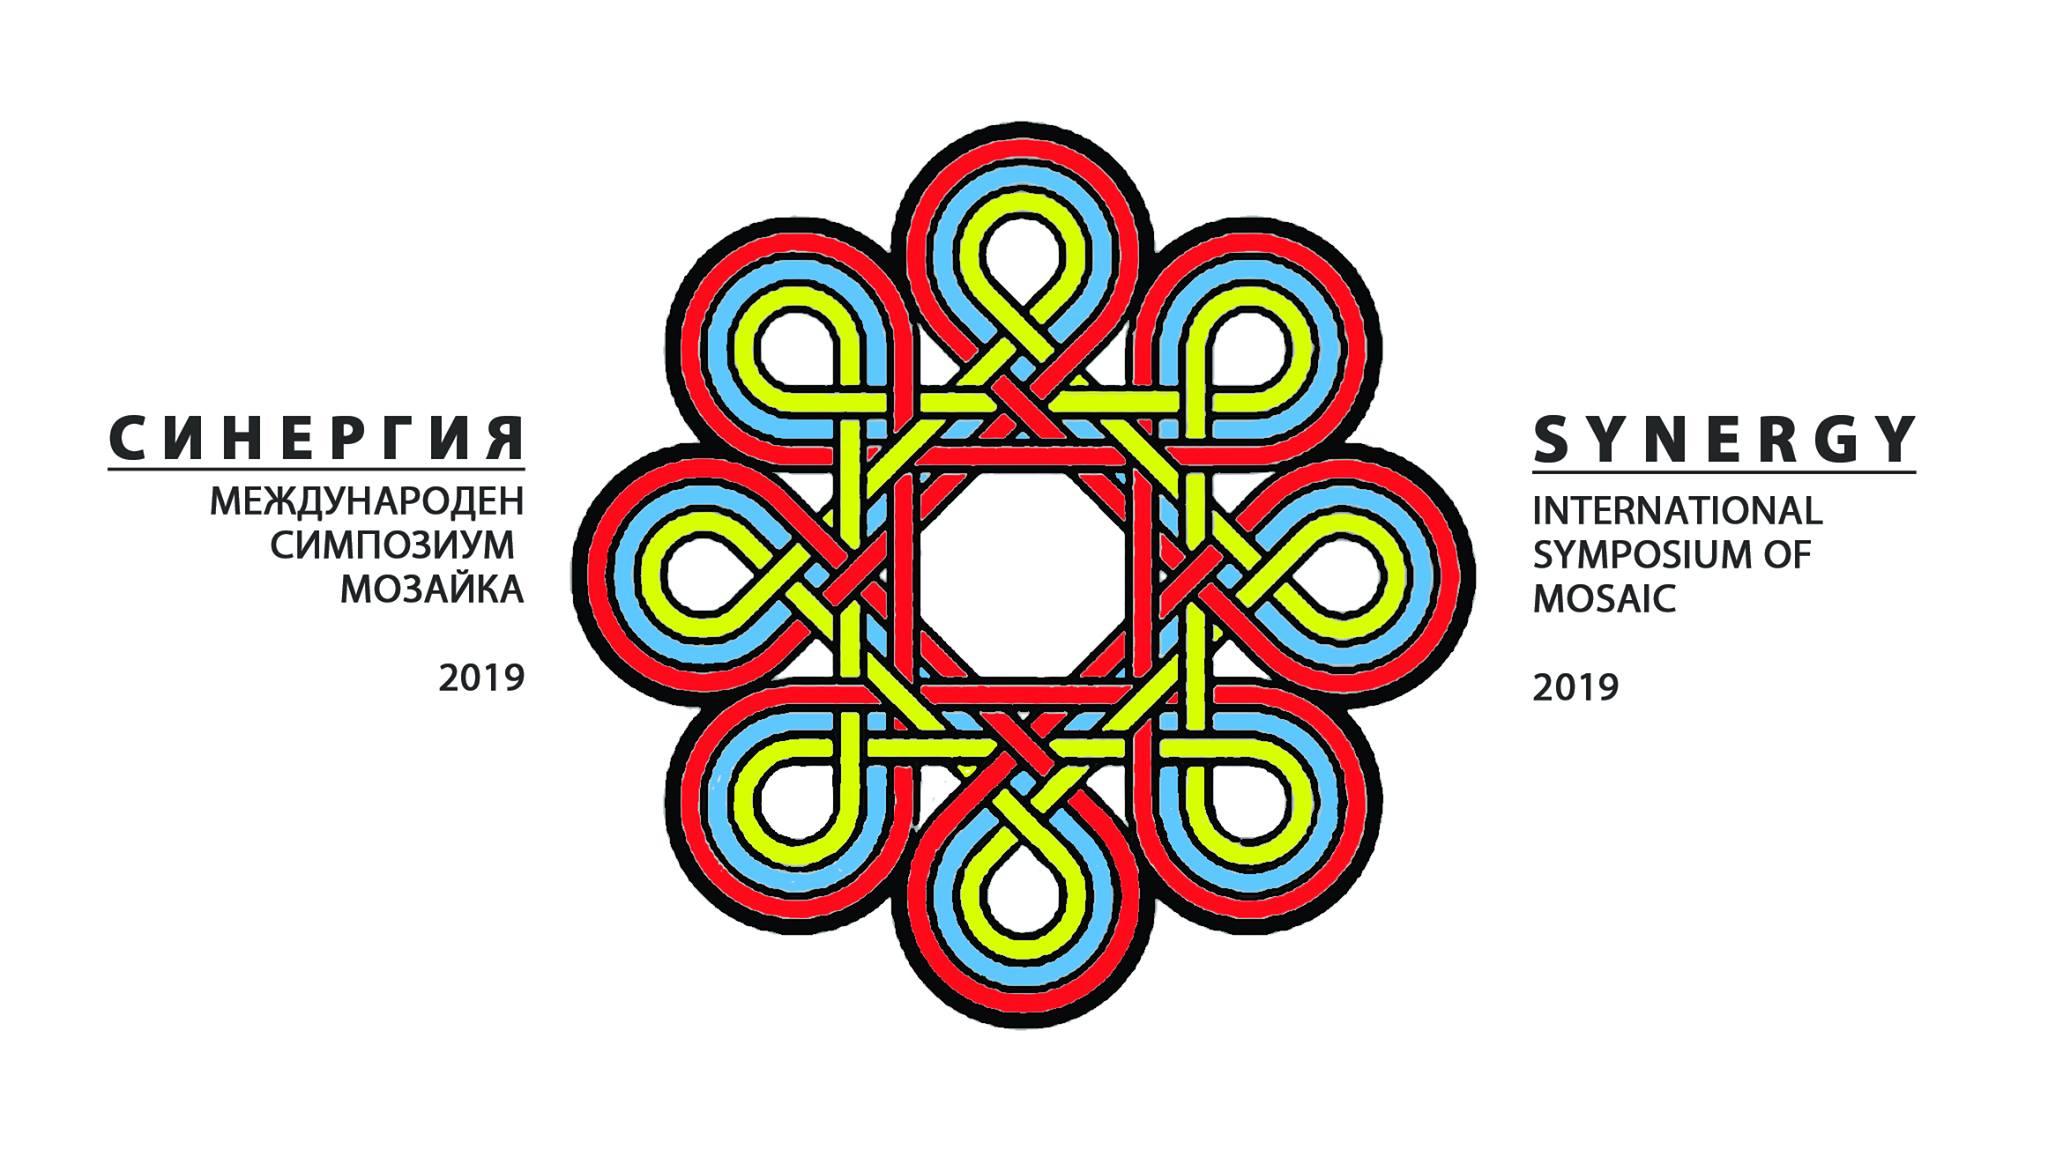 """Първи международен симпозиум за мозайка """"СИНЕРГИЯ"""""""